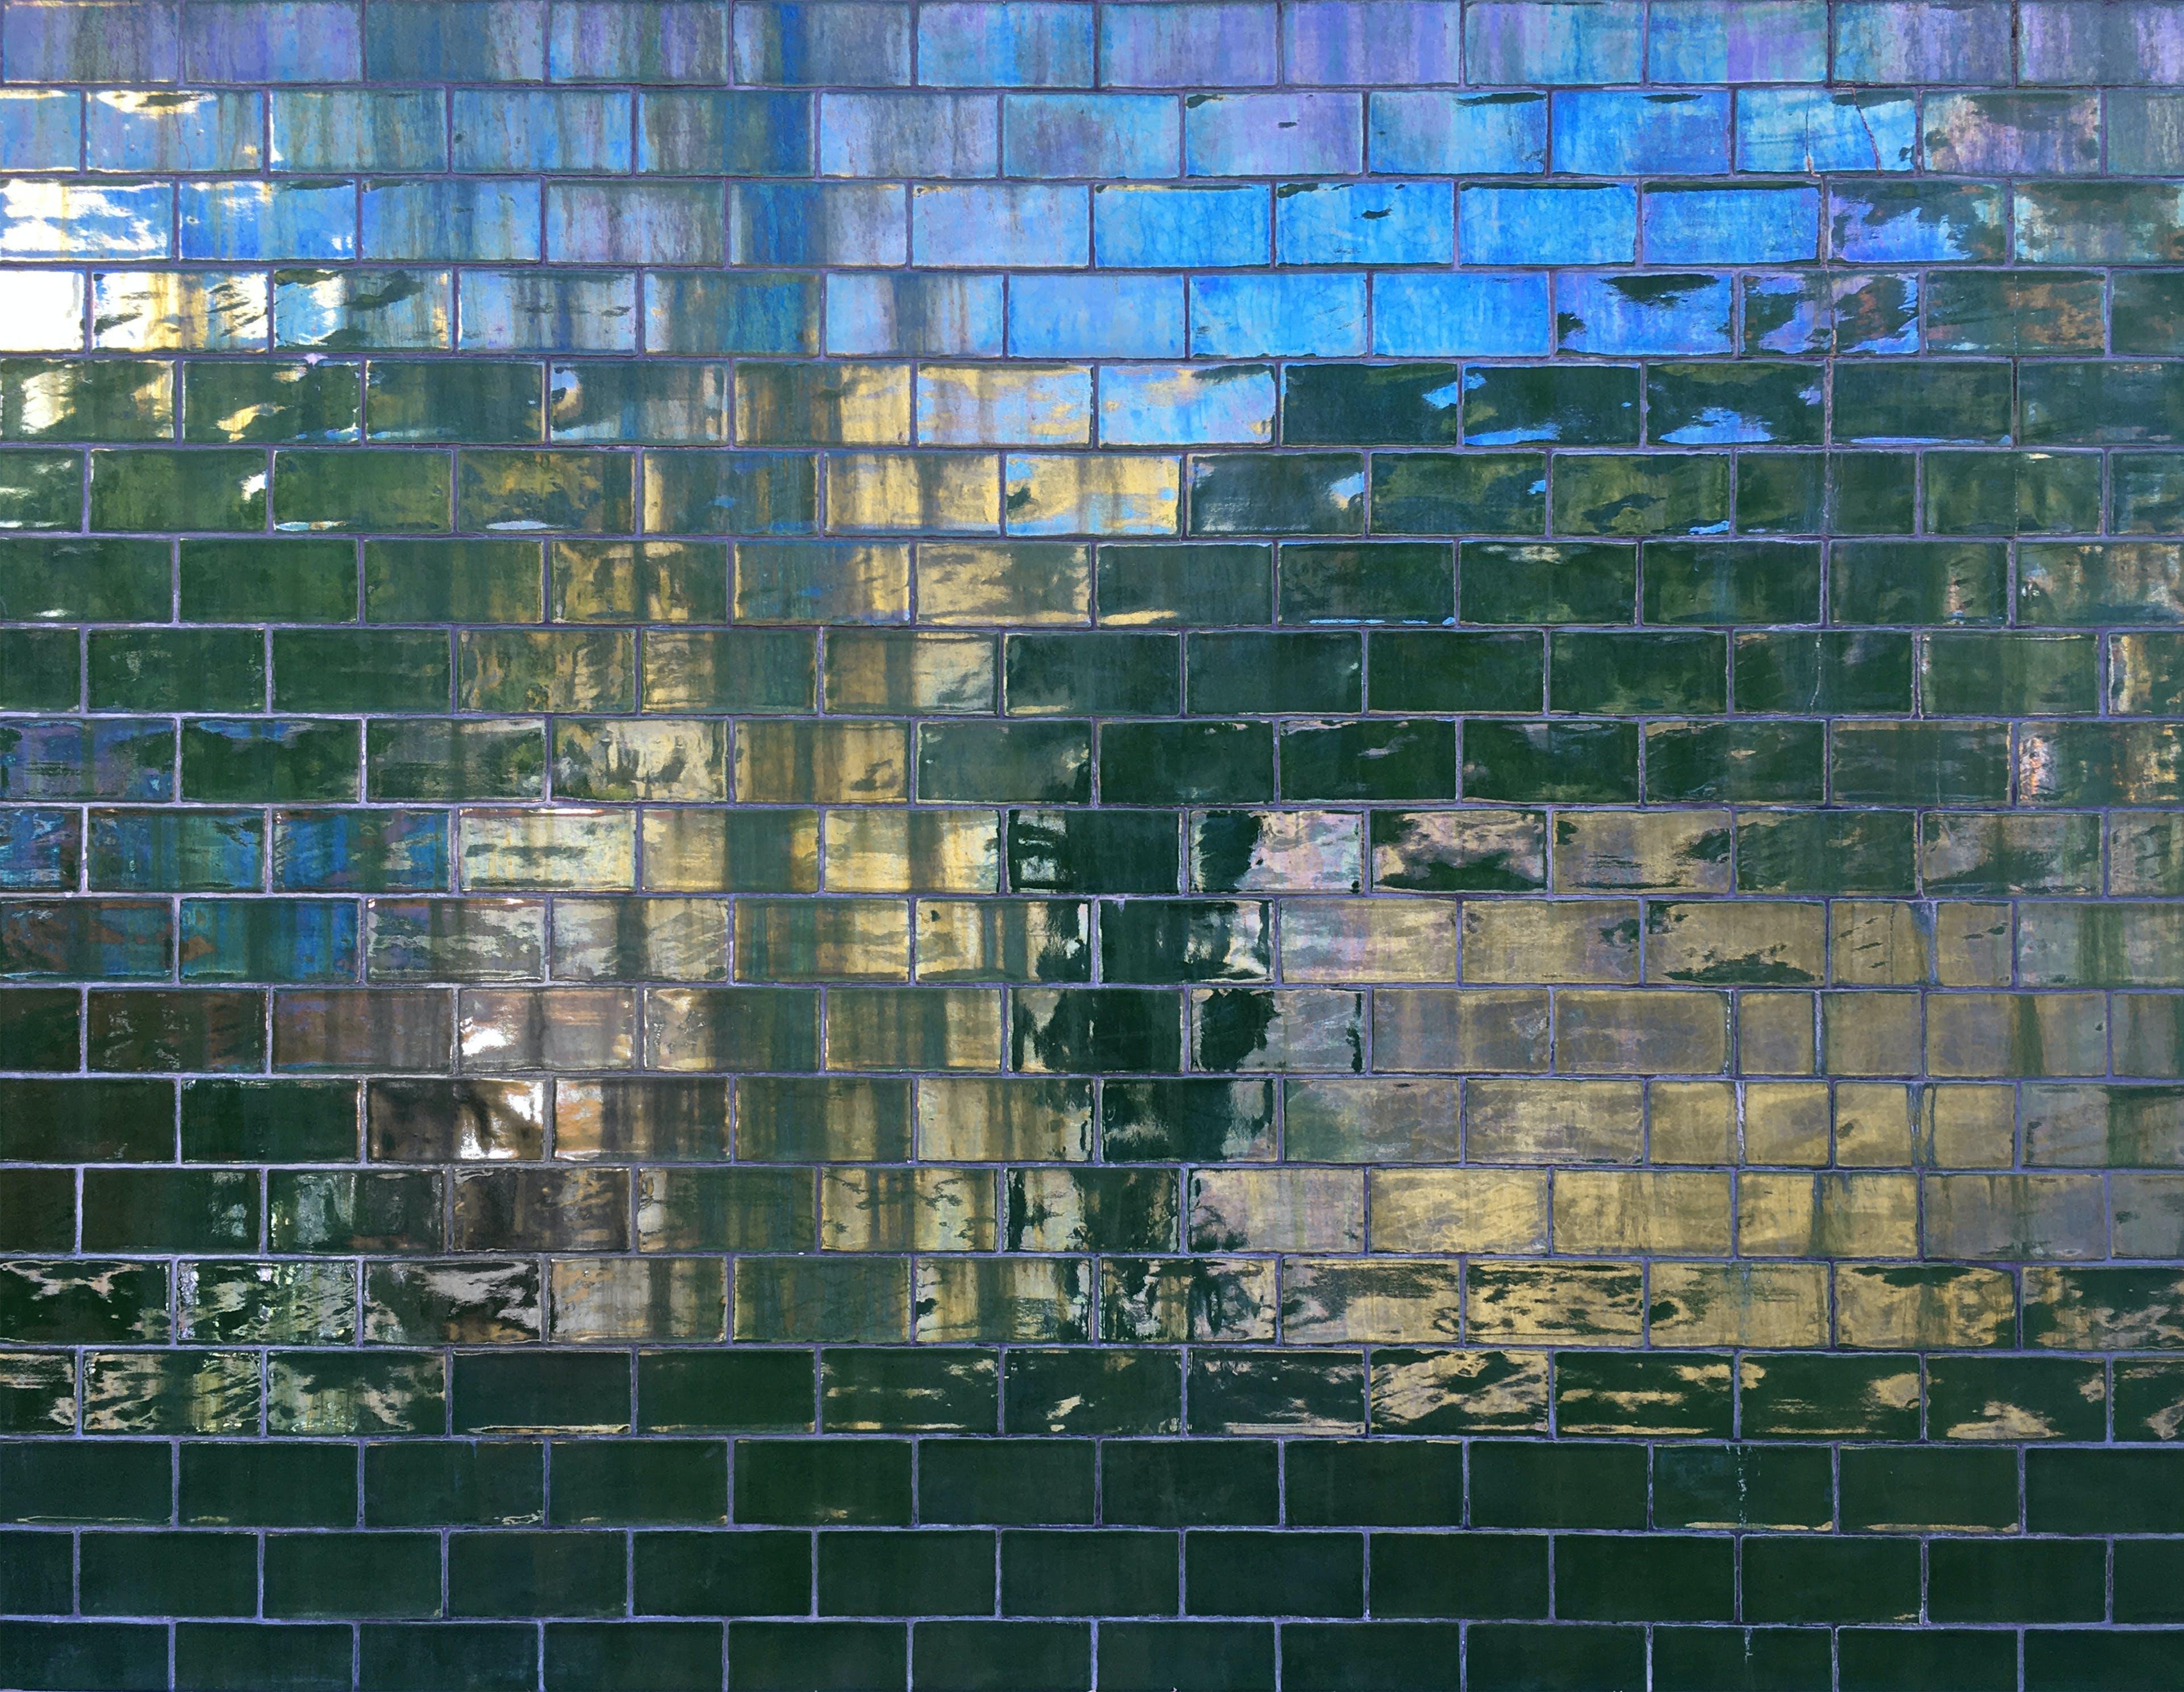 乳白色, 瓷磚, 蛋白石, 鋪路 的 免費圖庫相片